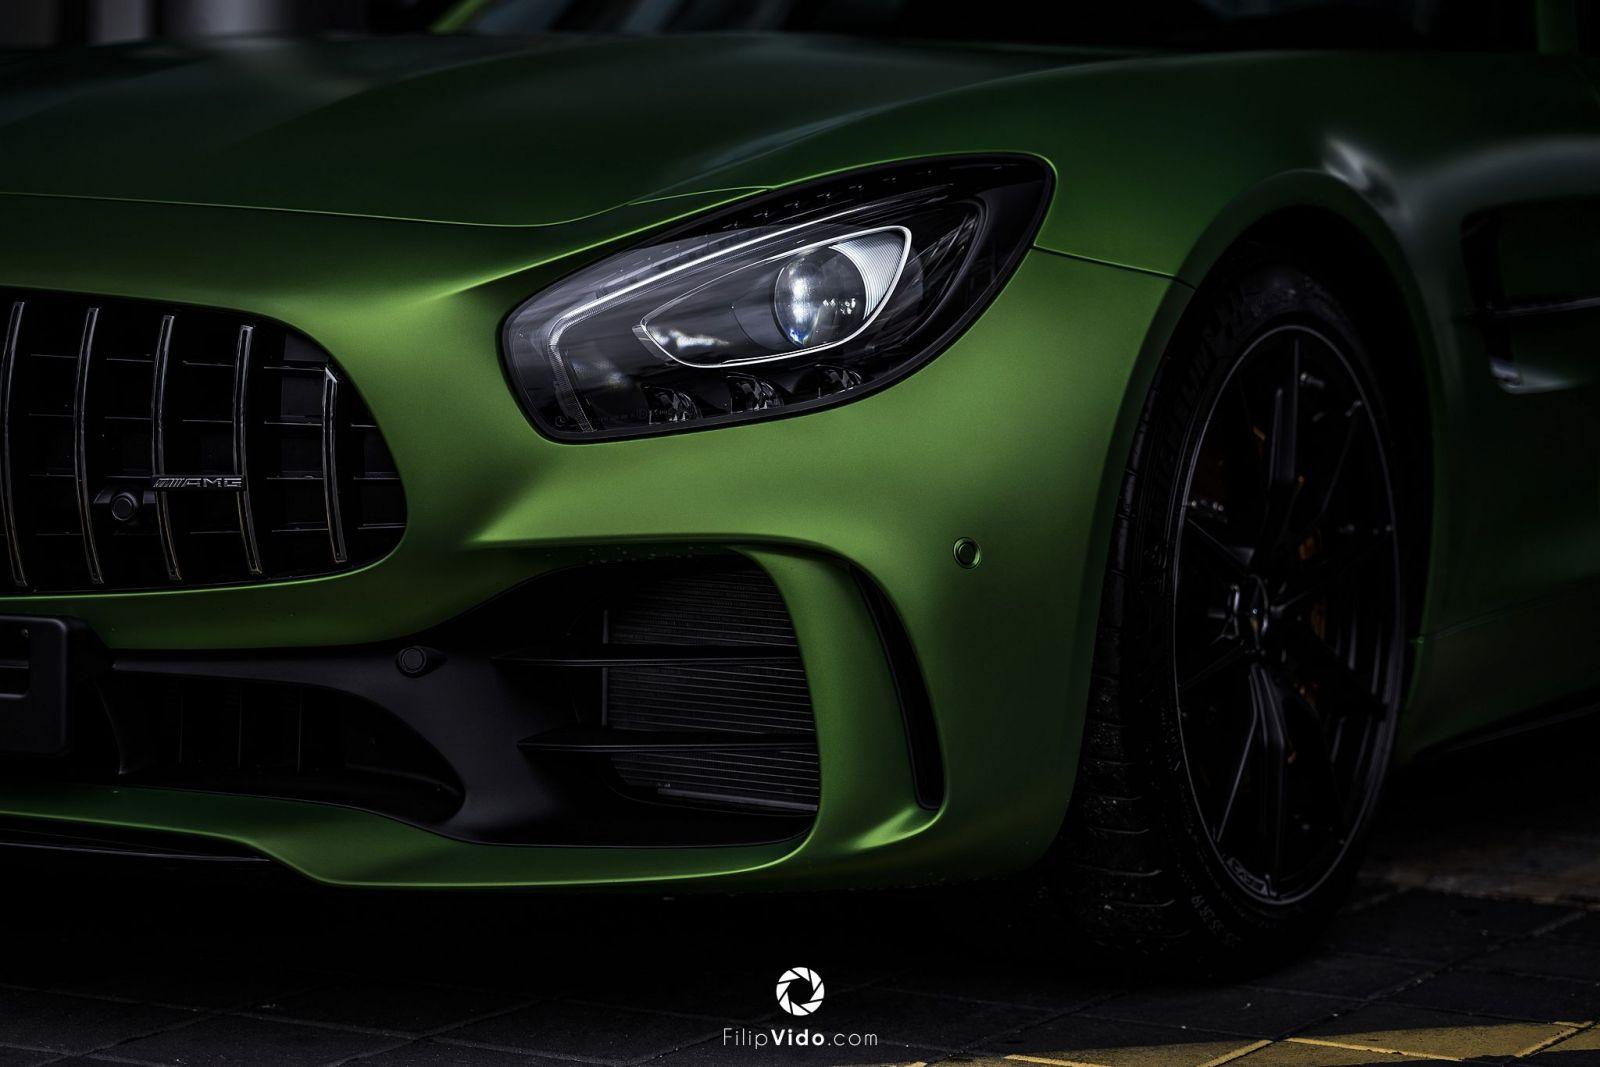 Nejlepší silniční sportovní auto od AMG všech dob už i u nás. Takto vypadá  famózní GT R. image. 4 19 c275e13bad